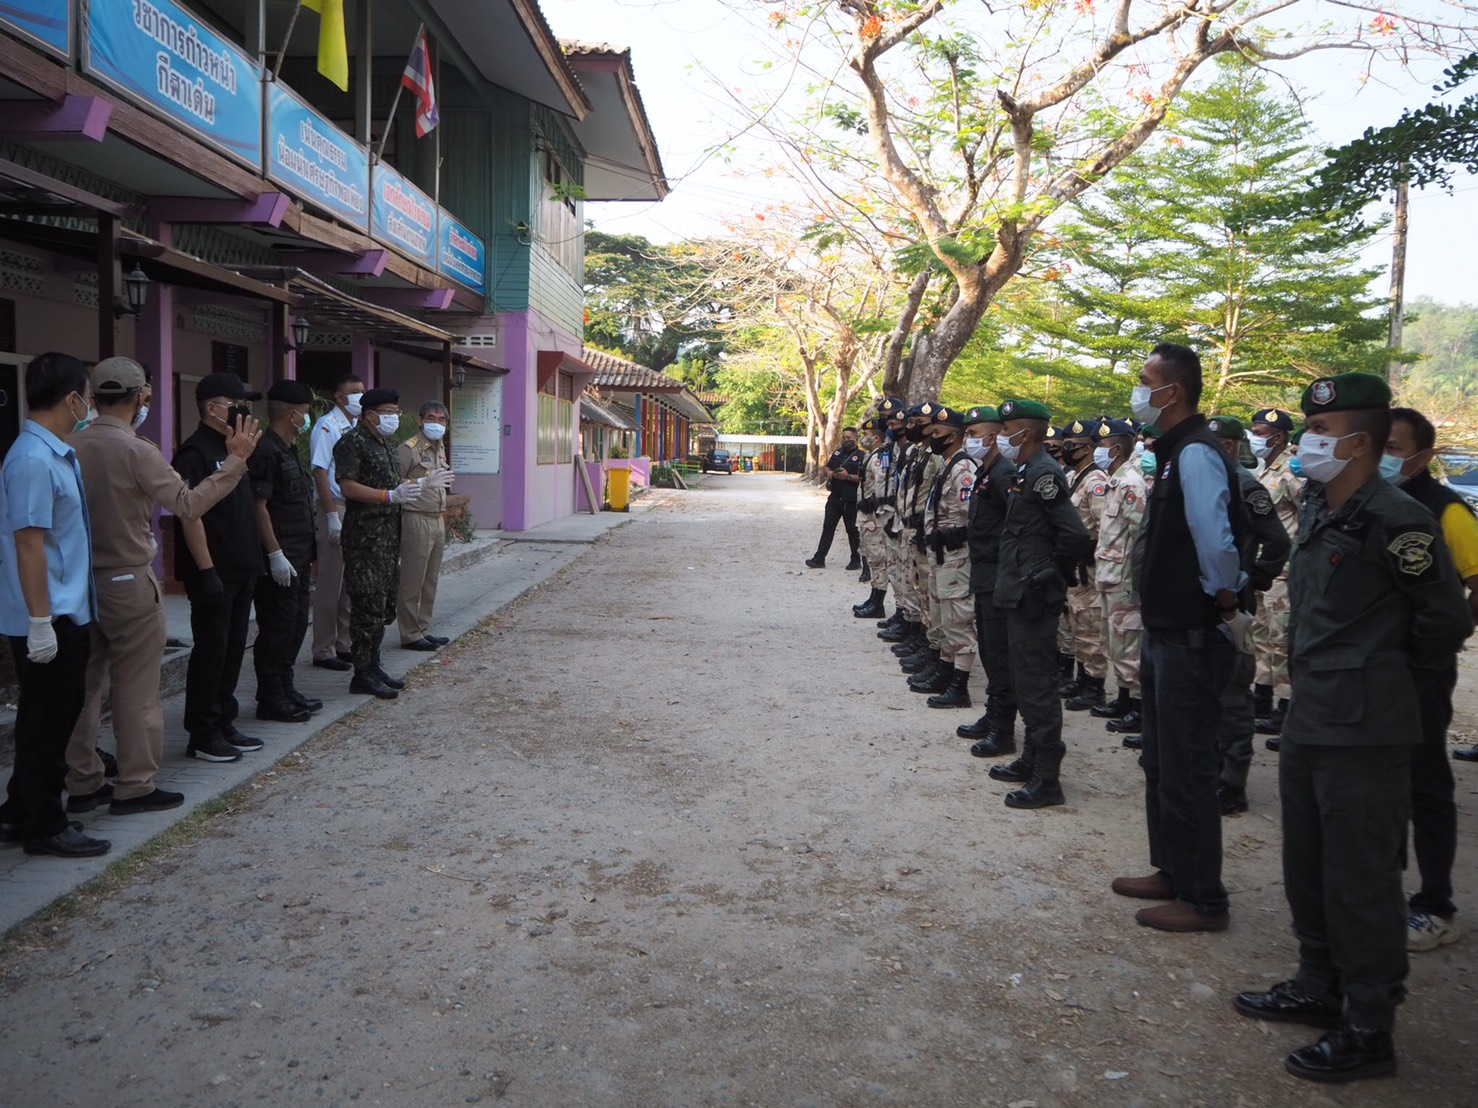 ระนอง ประกาศแตกหักไวรัส ยันเต็มเหนี่ยวรักษาพื้นที่ ทีซีแสกนหมู่บ้านจับตากลุ่มเสี่ยง